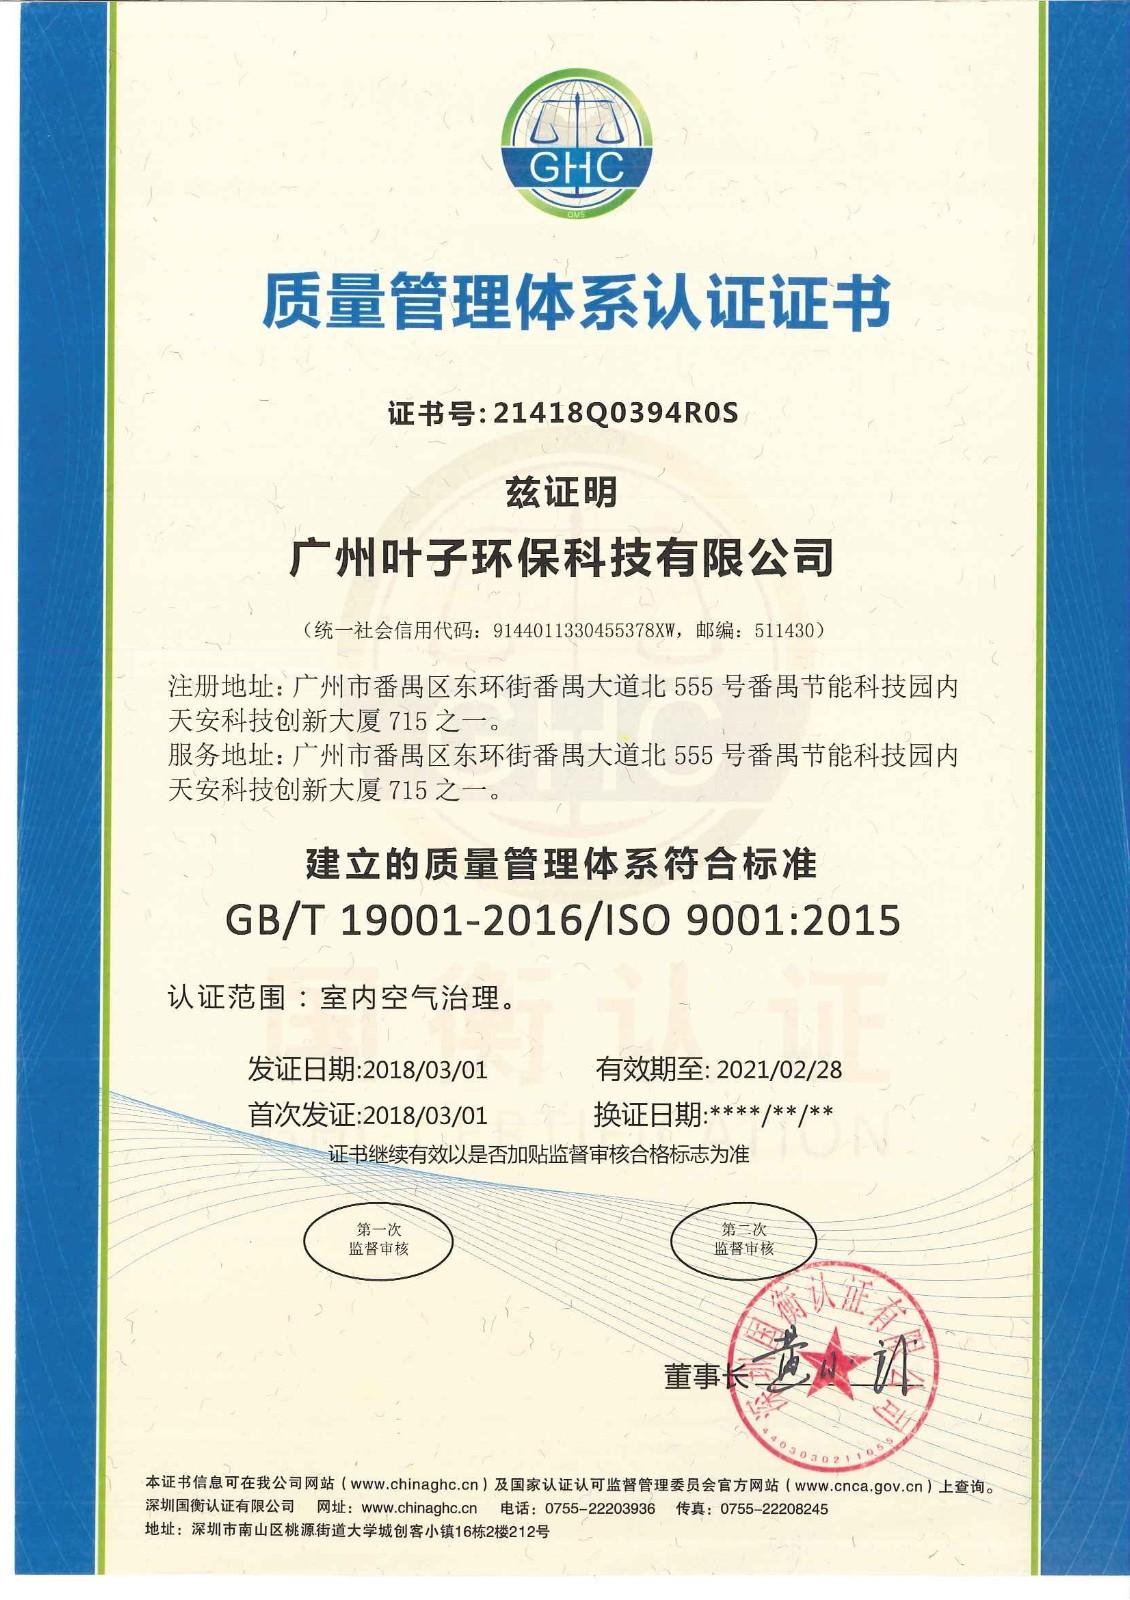 质量管理体系认证证书|公司资质-武汉小小叶子环保科技有限公司